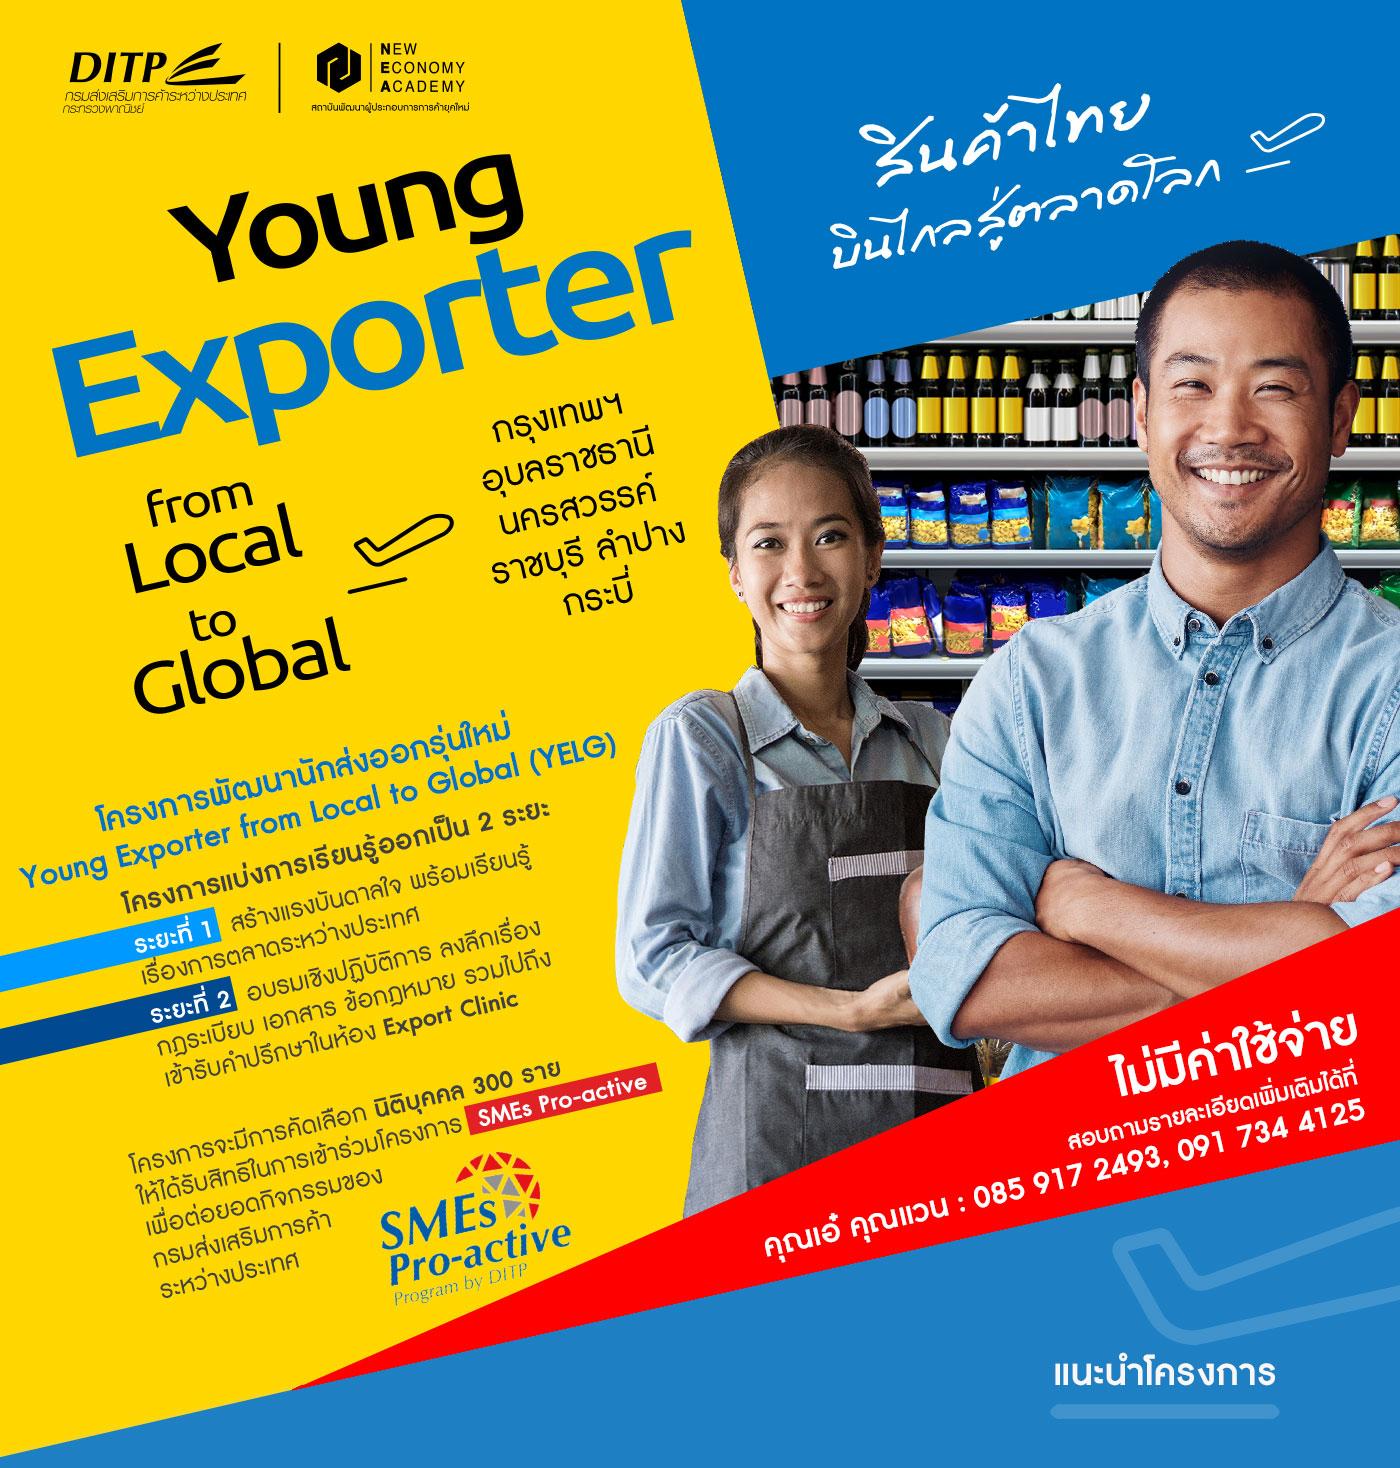 โครงการพัฒนานักส่งออกรุ่นใหม่ Young Exporter from Local to Global (YELG) - สินค้าไทยบินไกลสู่ตลาดโลก